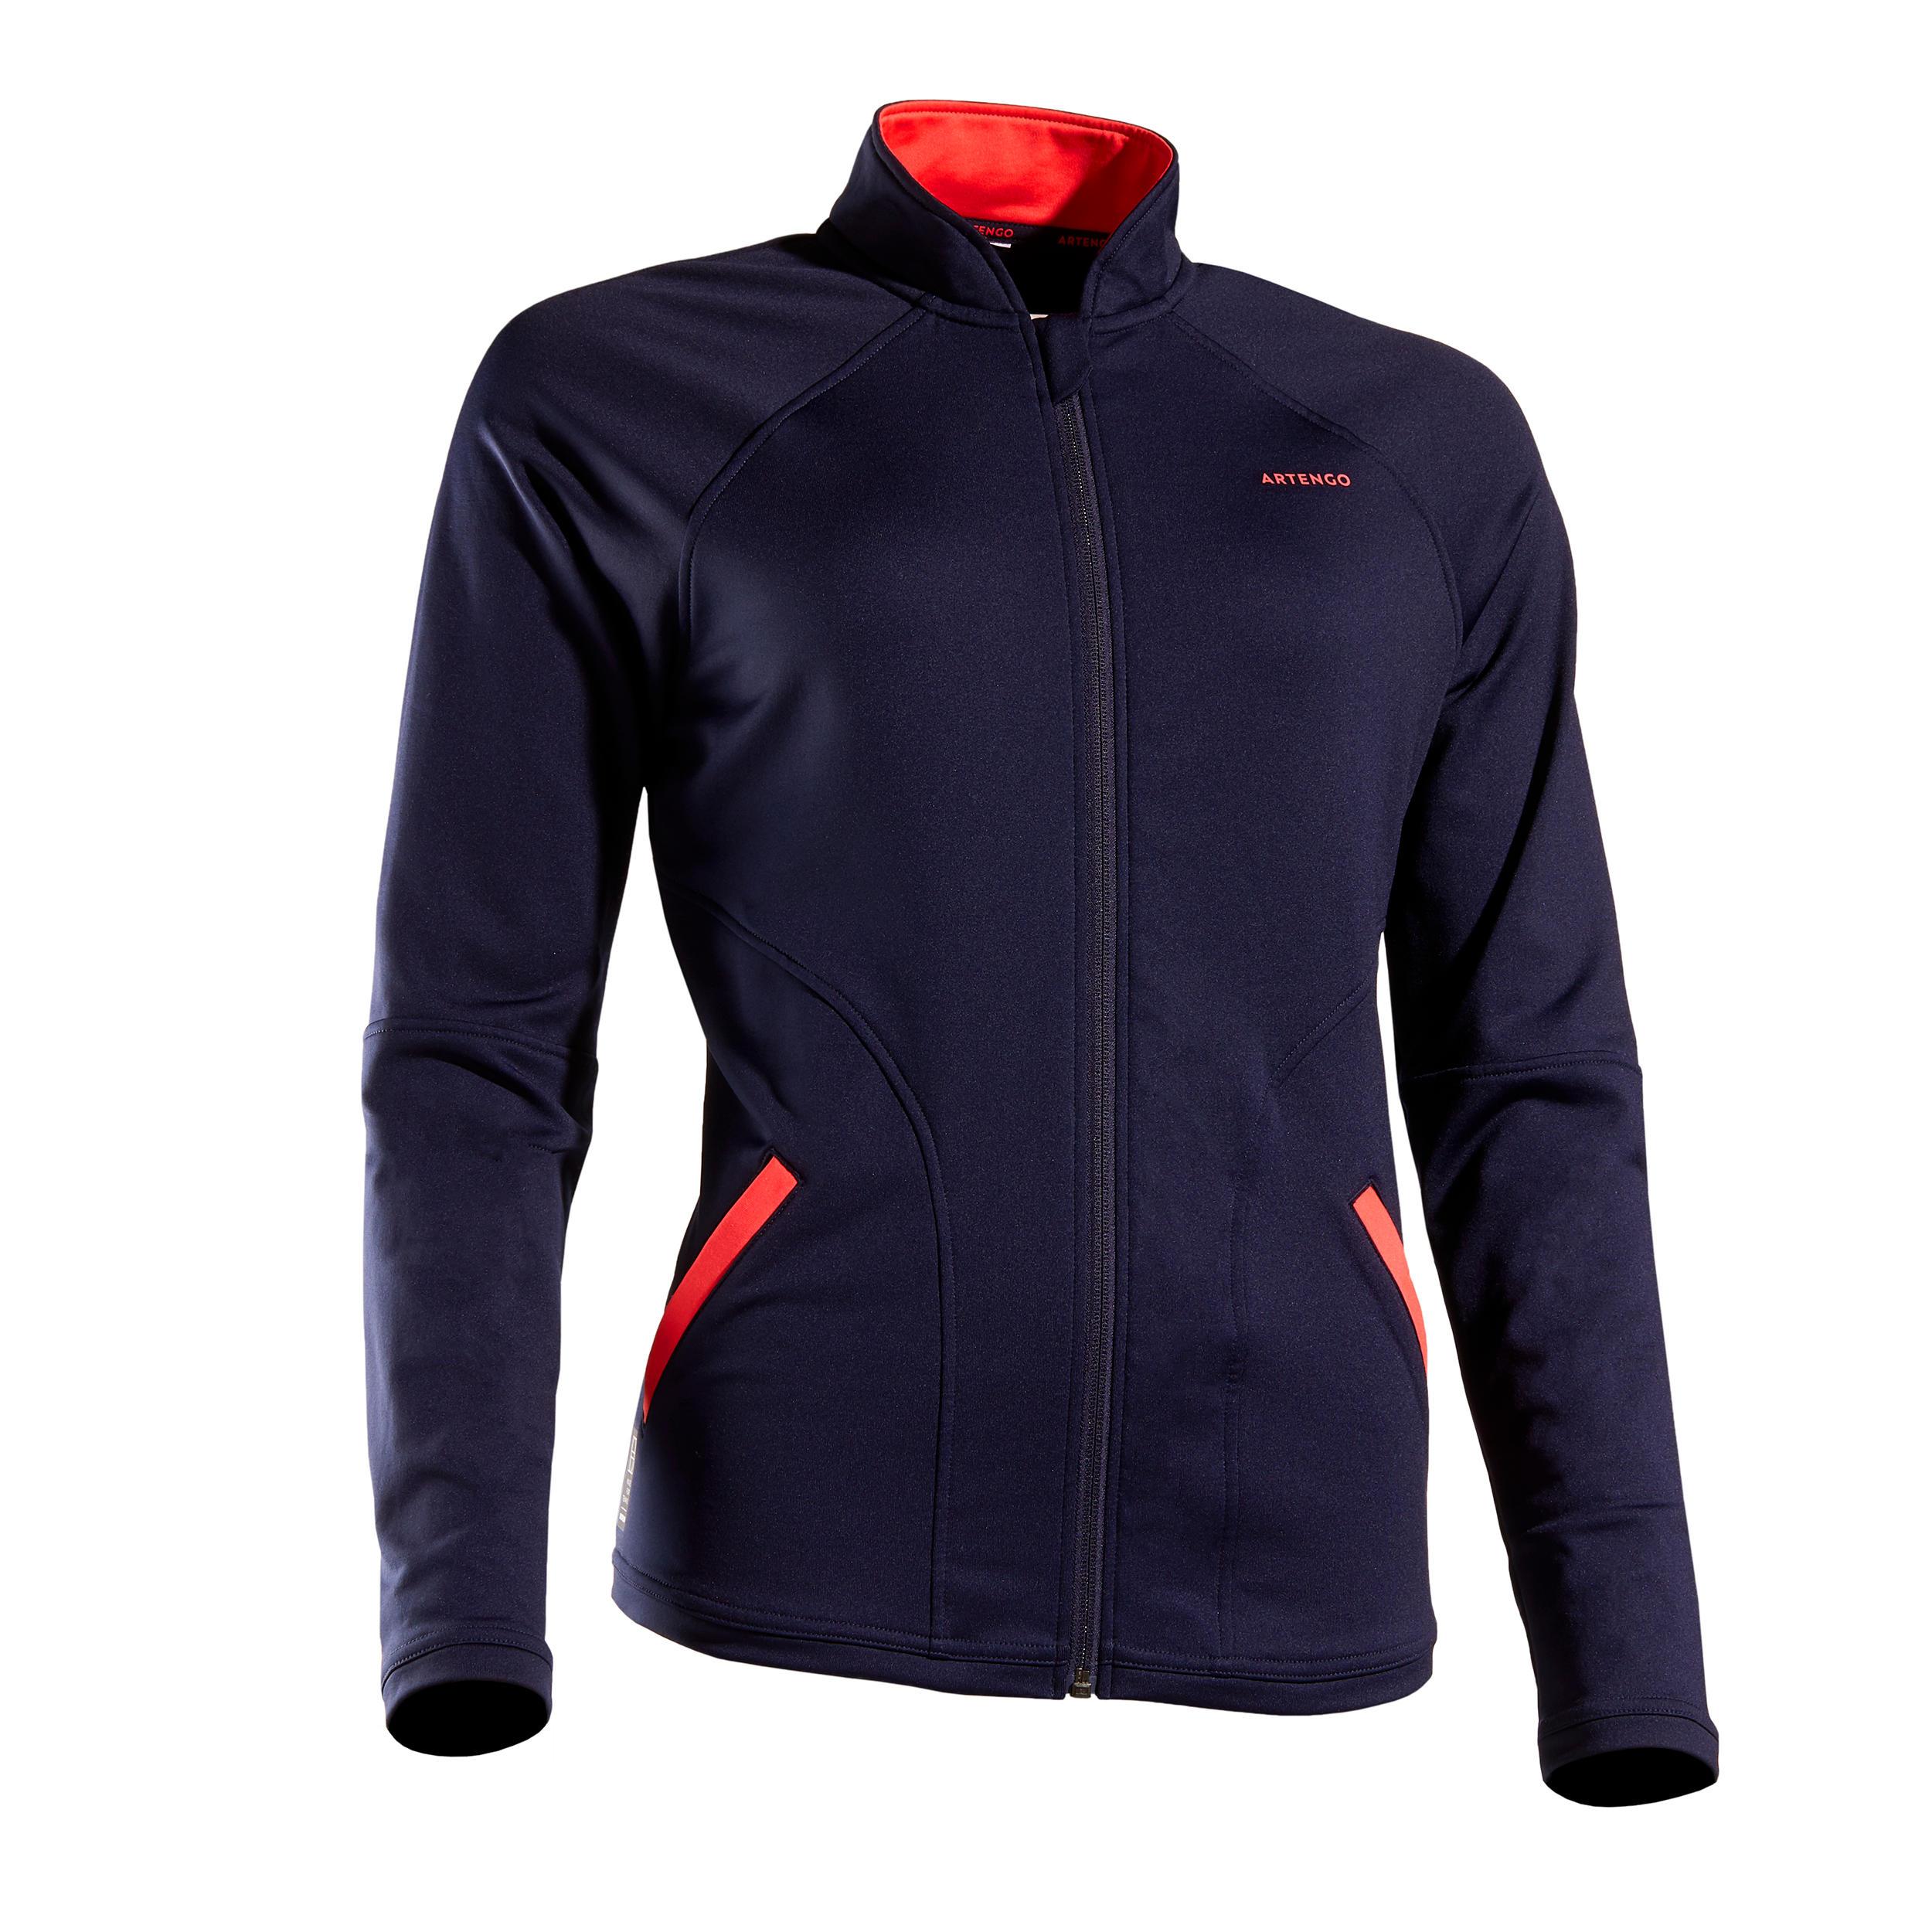 Jachetă Tenis TH500 Damă imagine